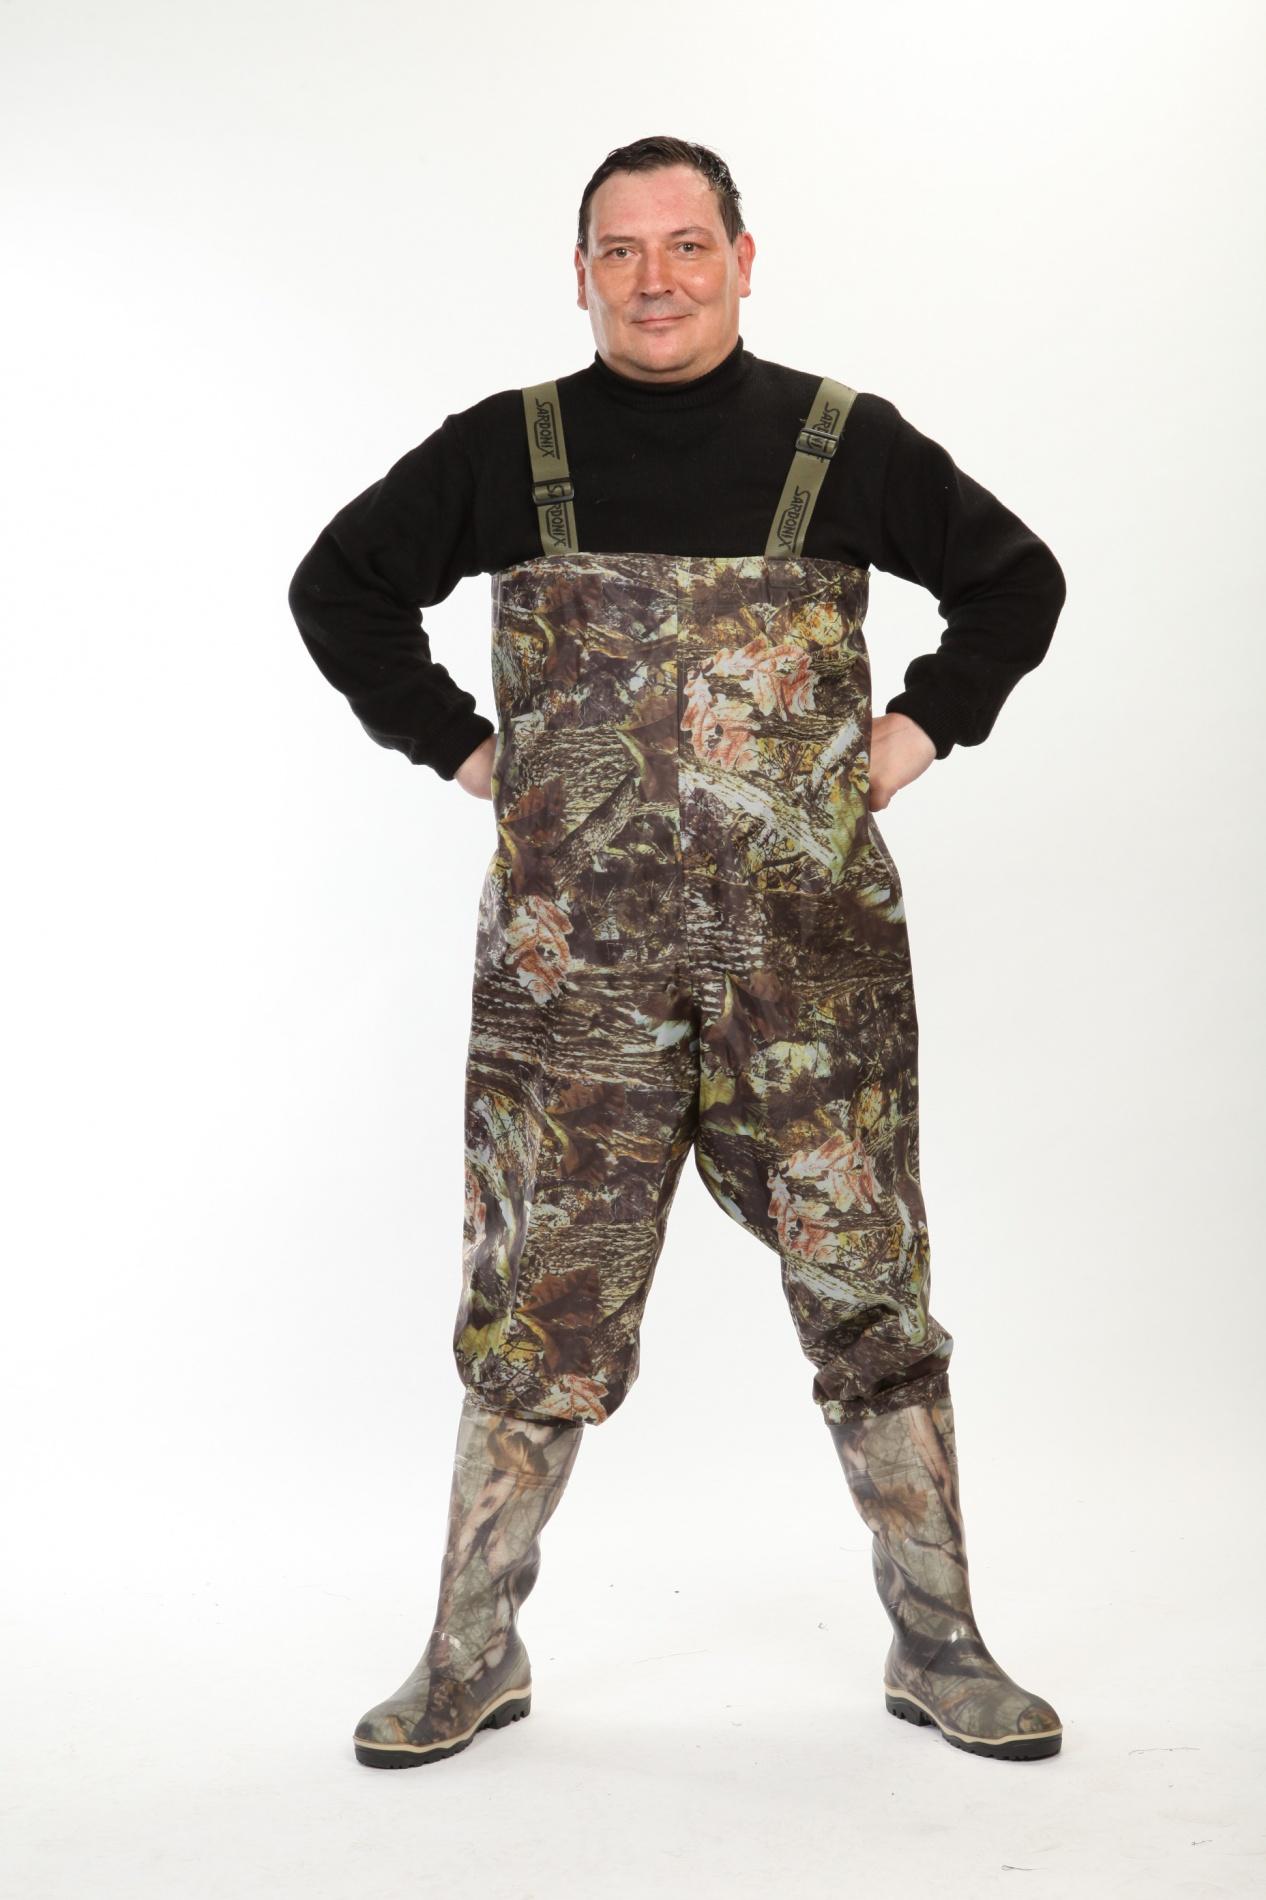 Полукомбинезон рыбацкий КОЛУМБ кмф (SARDONIX), Полукомбинезоны рыбацкие<br>Верх рыбацкого полукомбенизо изготовлен <br>из винитола, обладающего высокой прочностью, <br>износостойкостью и эалстичностью. Винитол <br>герметично соединен с коротким сапогом, <br>что позволяет носить его поверх верхней <br>одежды. Низ галоши выполнен методом трехкомпонентного <br>литья с применением третьего дополнительного <br>промежуточного слоя подошвы из вспененного <br>ПВХ, что придает обуви высокие амортизационные, <br>теплозащитные, антистатические и противоскользящие <br>свойства.<br><br>Пол: мужской<br>Размер: 44<br>Сезон: лето